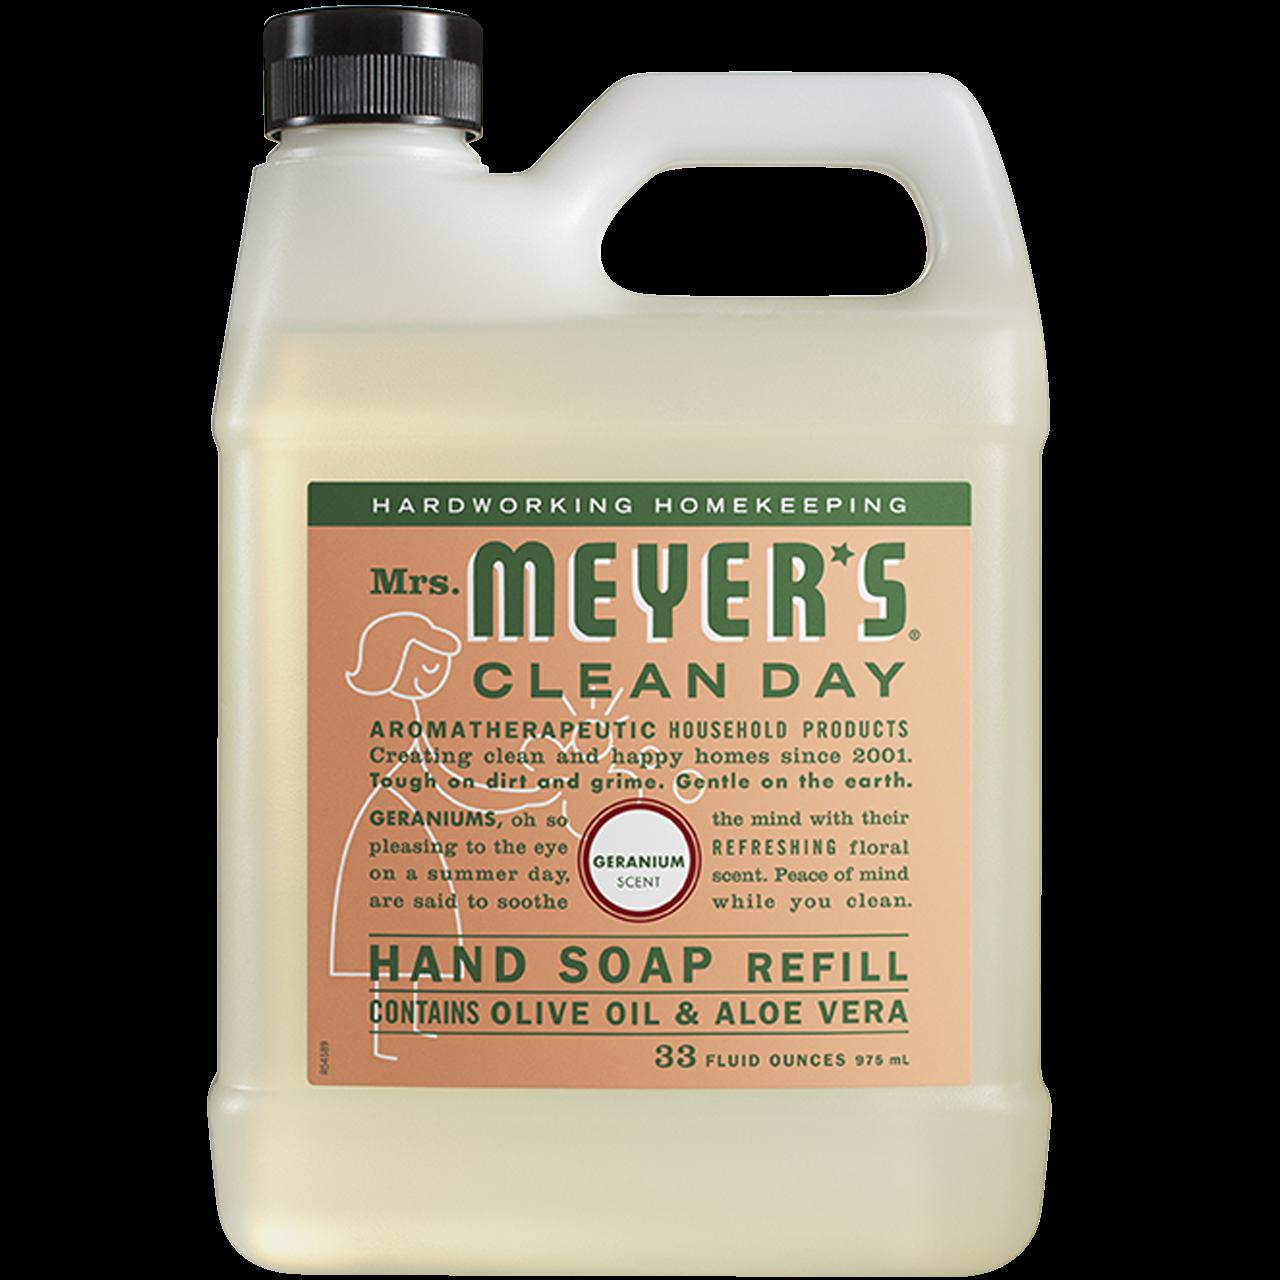 Mrs. Meyers Clean Day 리퀴드 핸드 솝 리필, 975ml, 1개-7-2227754